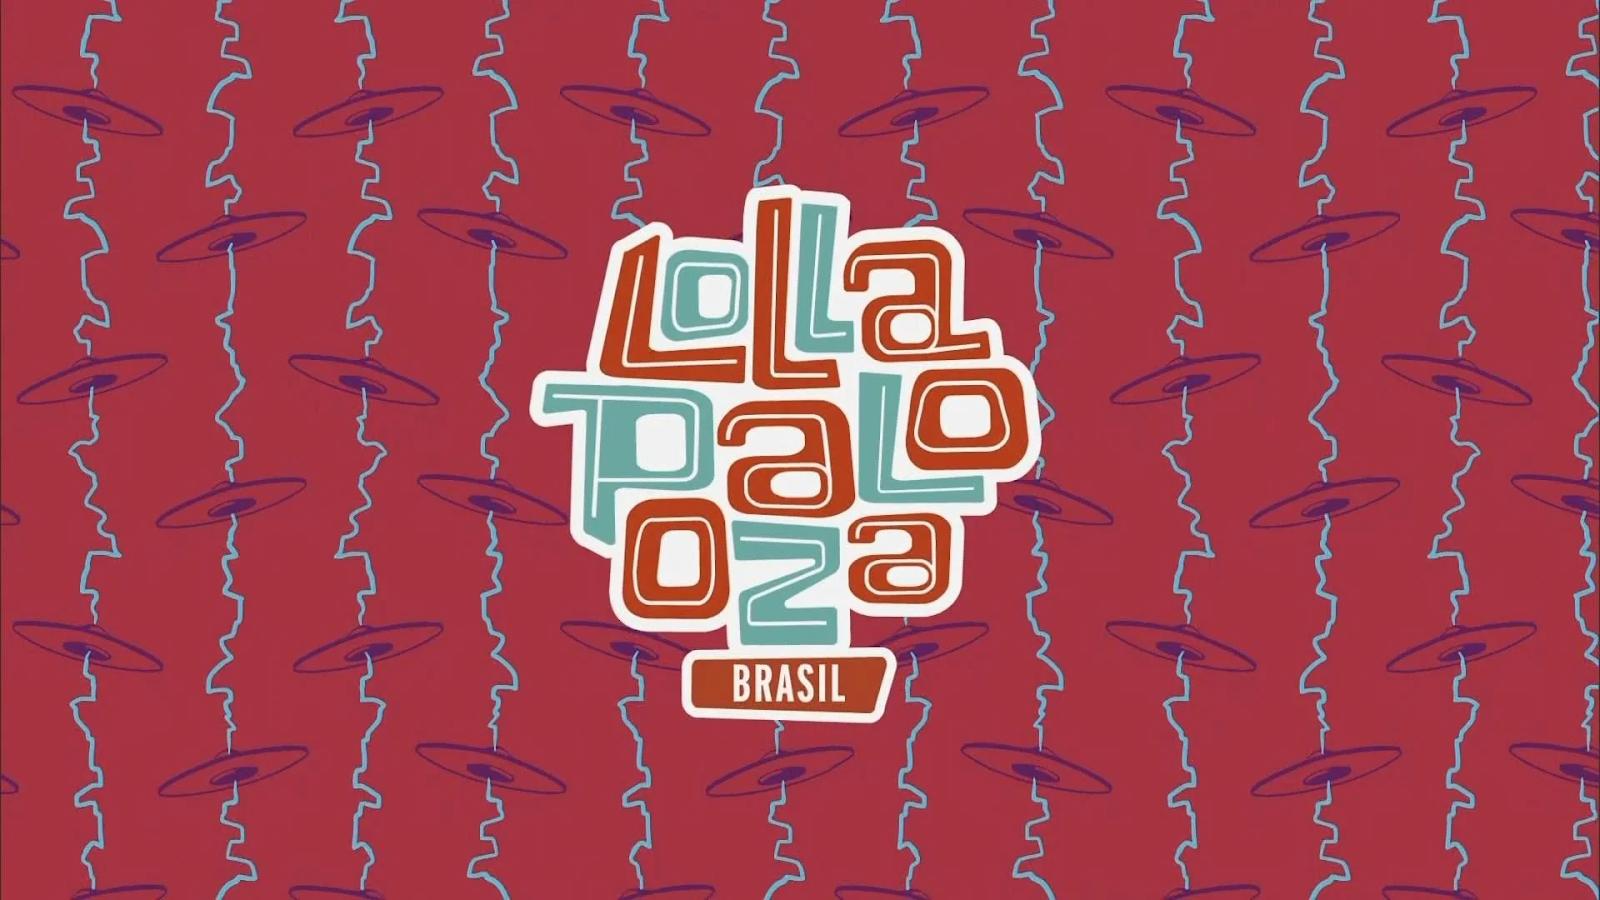 O Lollapalooza 2019 acontece nos dias 5, 6 e 7 de abril em São Paulo, no Autódromo de Interlagos.